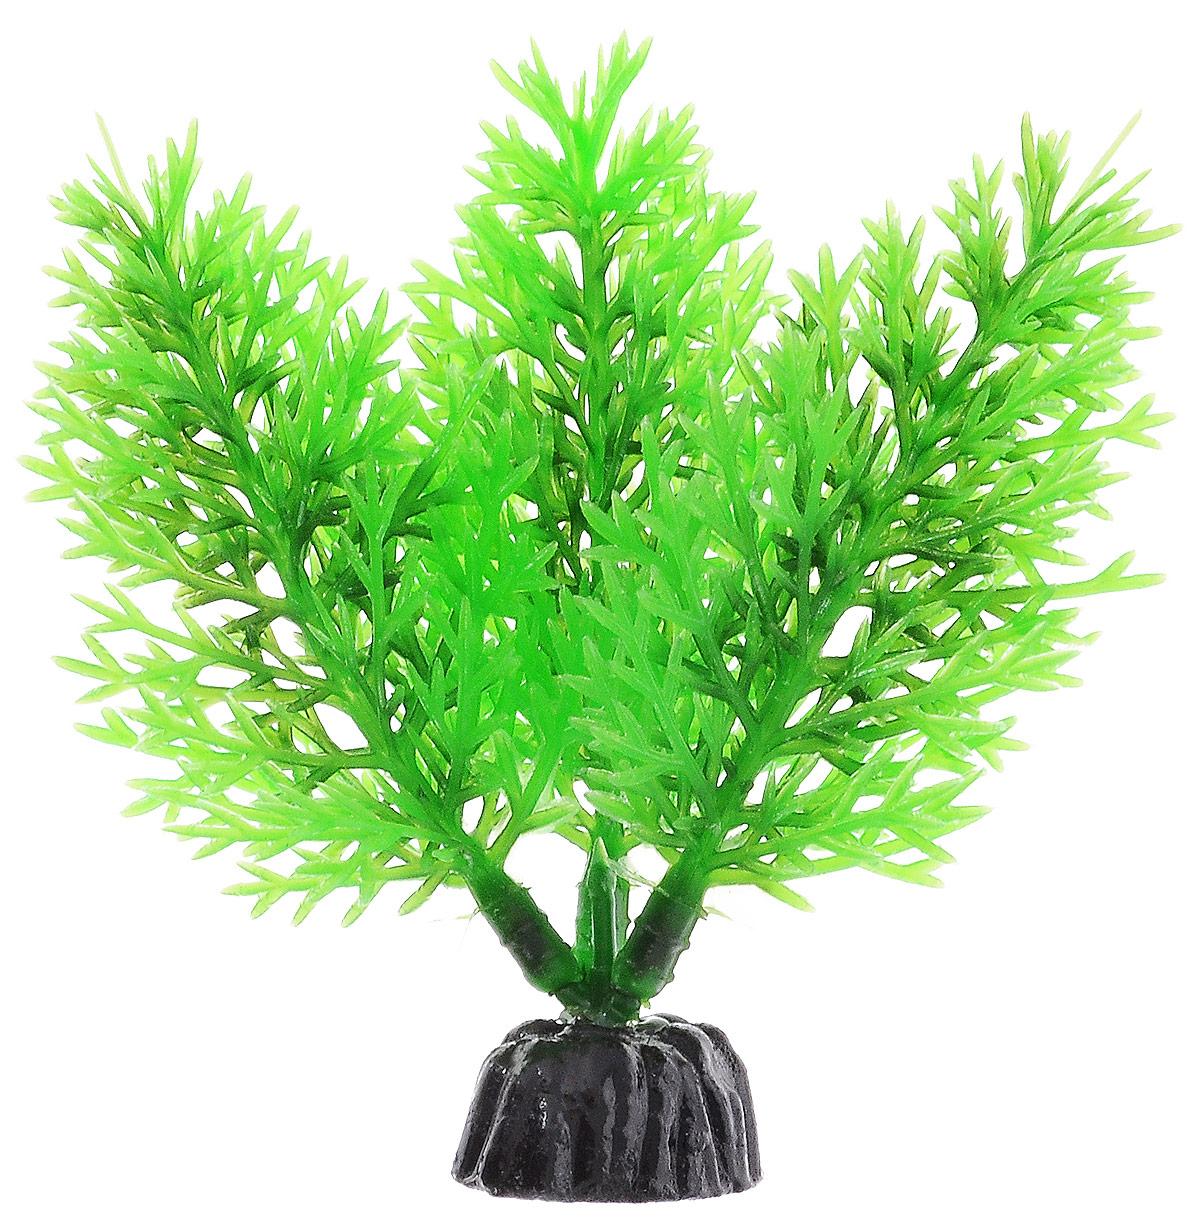 Растение для аквариума Barbus Роголистник, пластиковое, цвет: зеленый, высота 10 см растение для аквариума barbus амбулия пластиковое высота 20 см